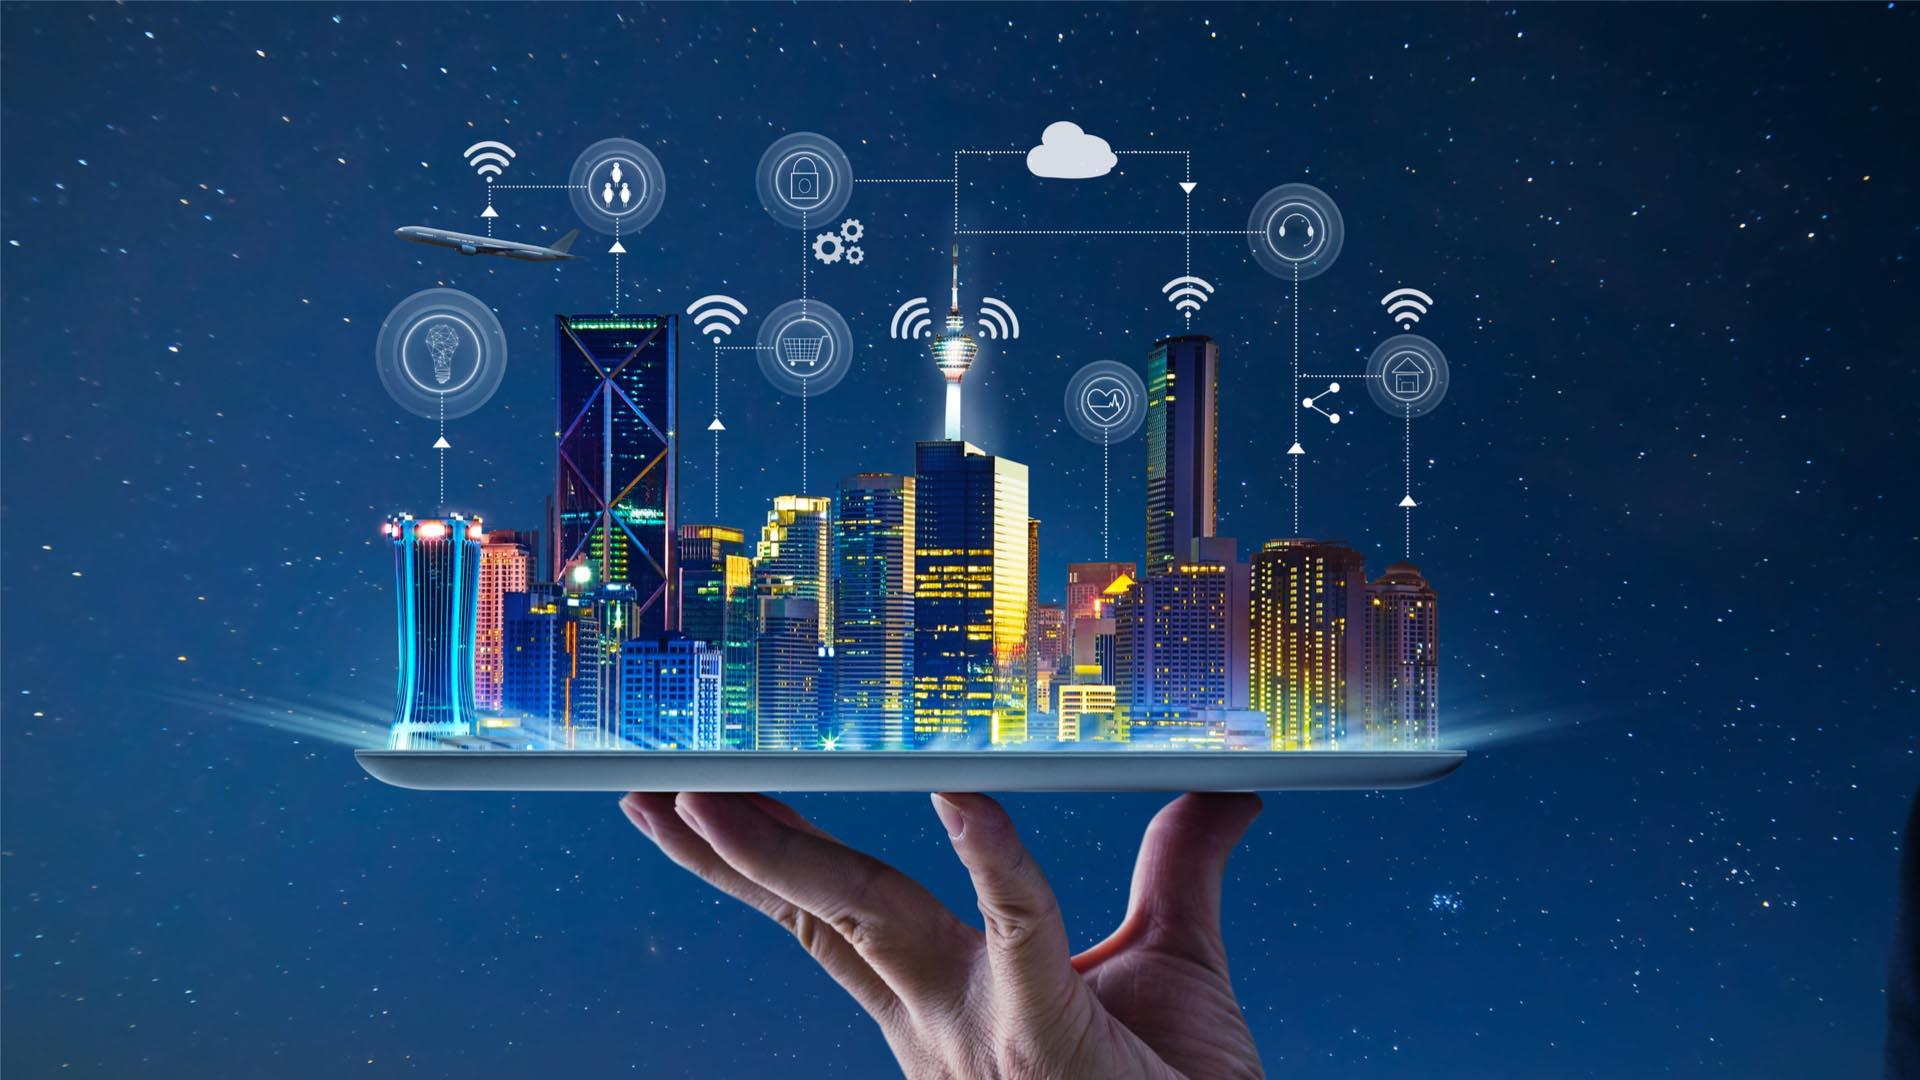 smart_city_bigdata